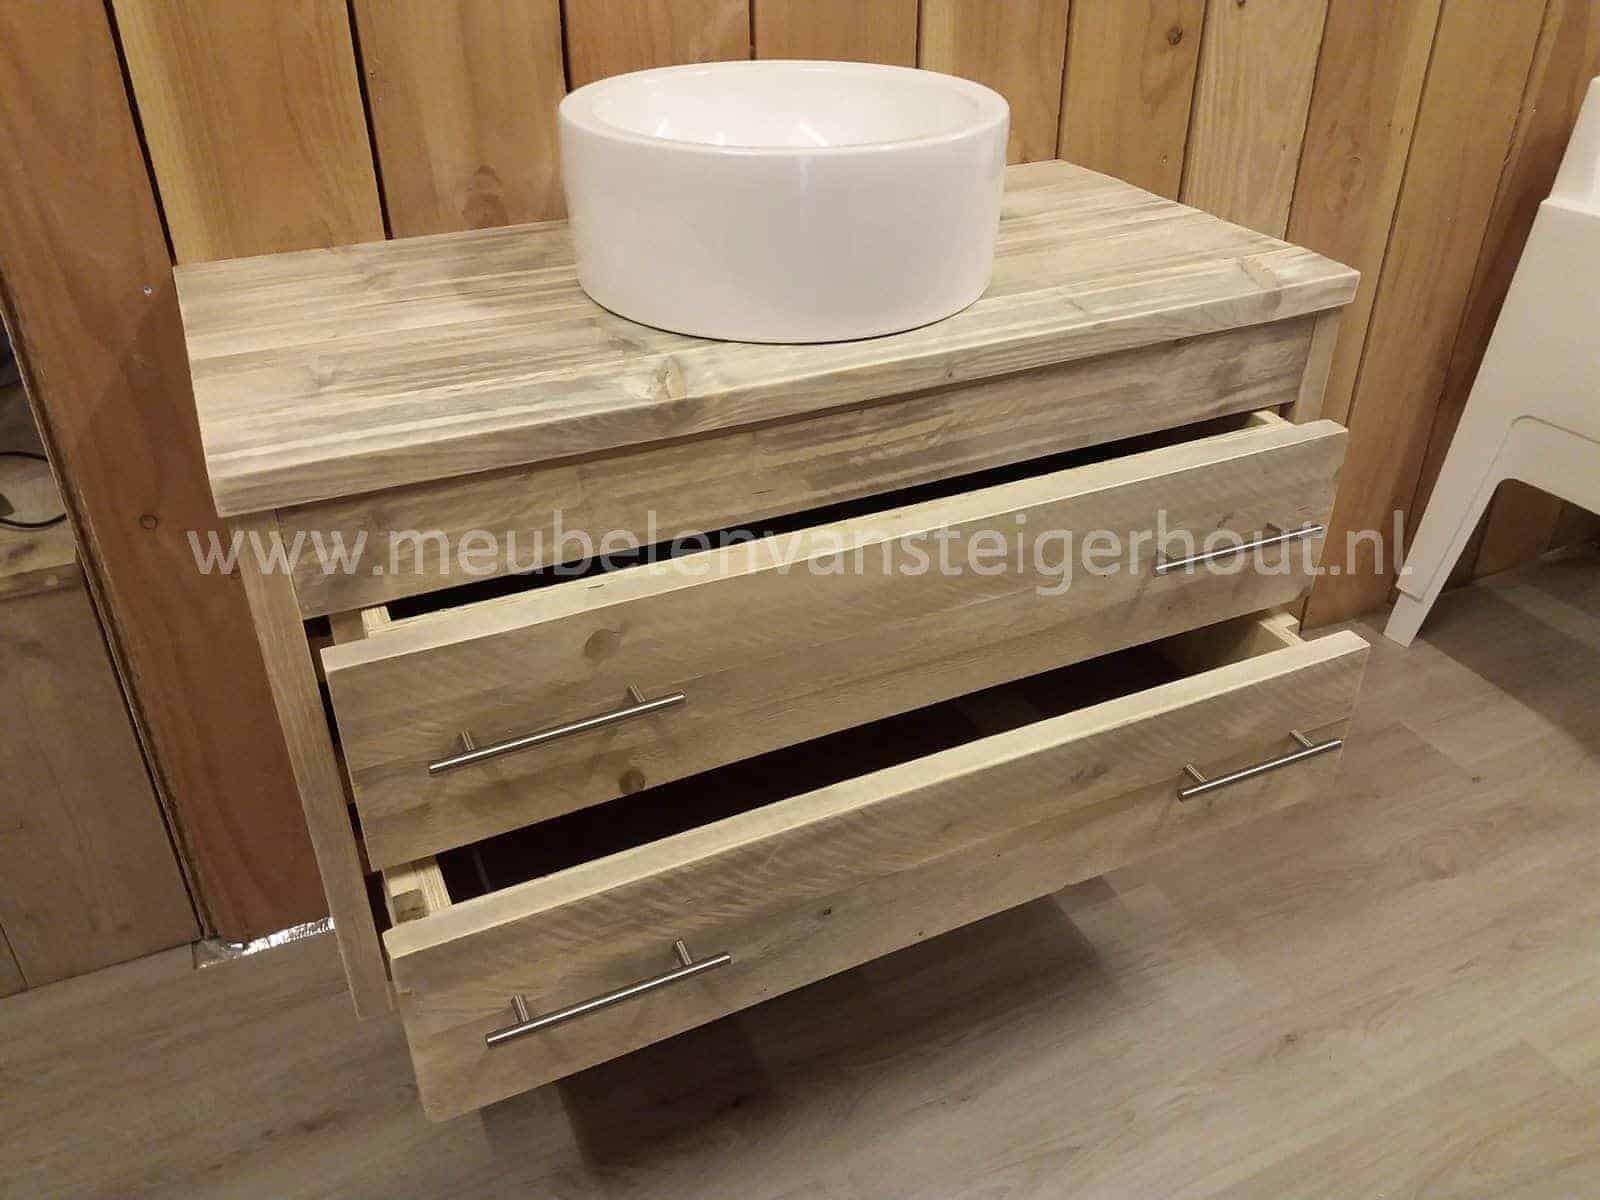 badmeubel steigerhout 14 meubelen van steigerhout